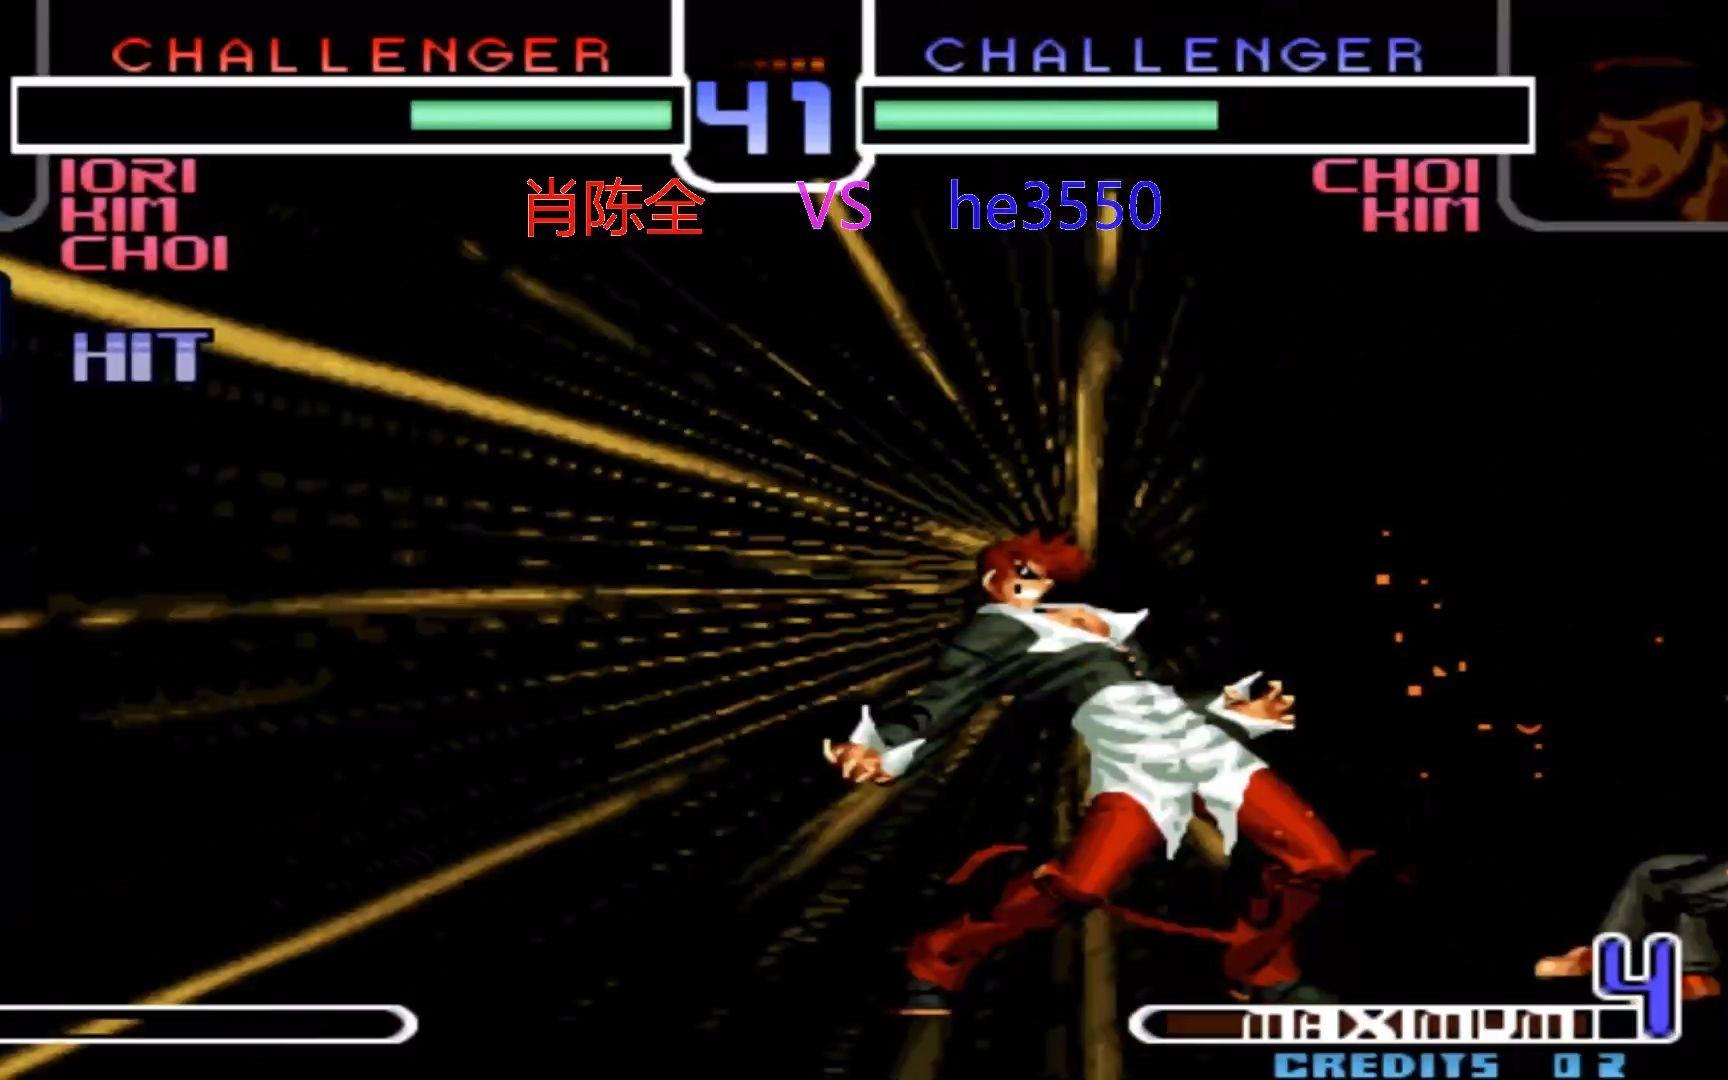 拳皇2002:这才是八神的最强玩法,当年的游戏厅都白玩了